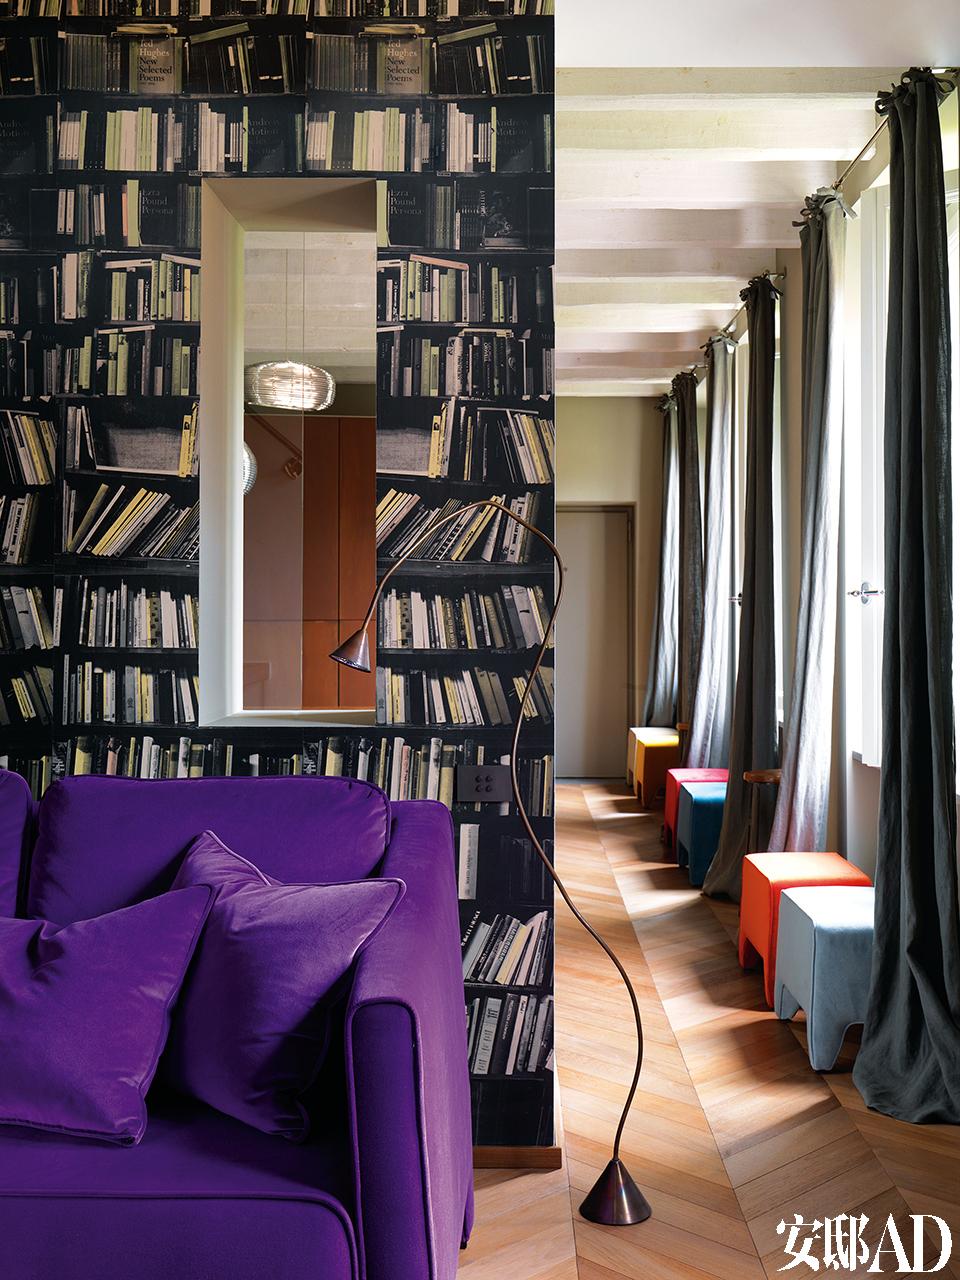 隔断墙上适当打开个洞,令两个空间互为呼应。餐厅窗边的彩色坐凳购自意大利卢加诺的Kasia,HG落地灯由Angela Ardisson设计。